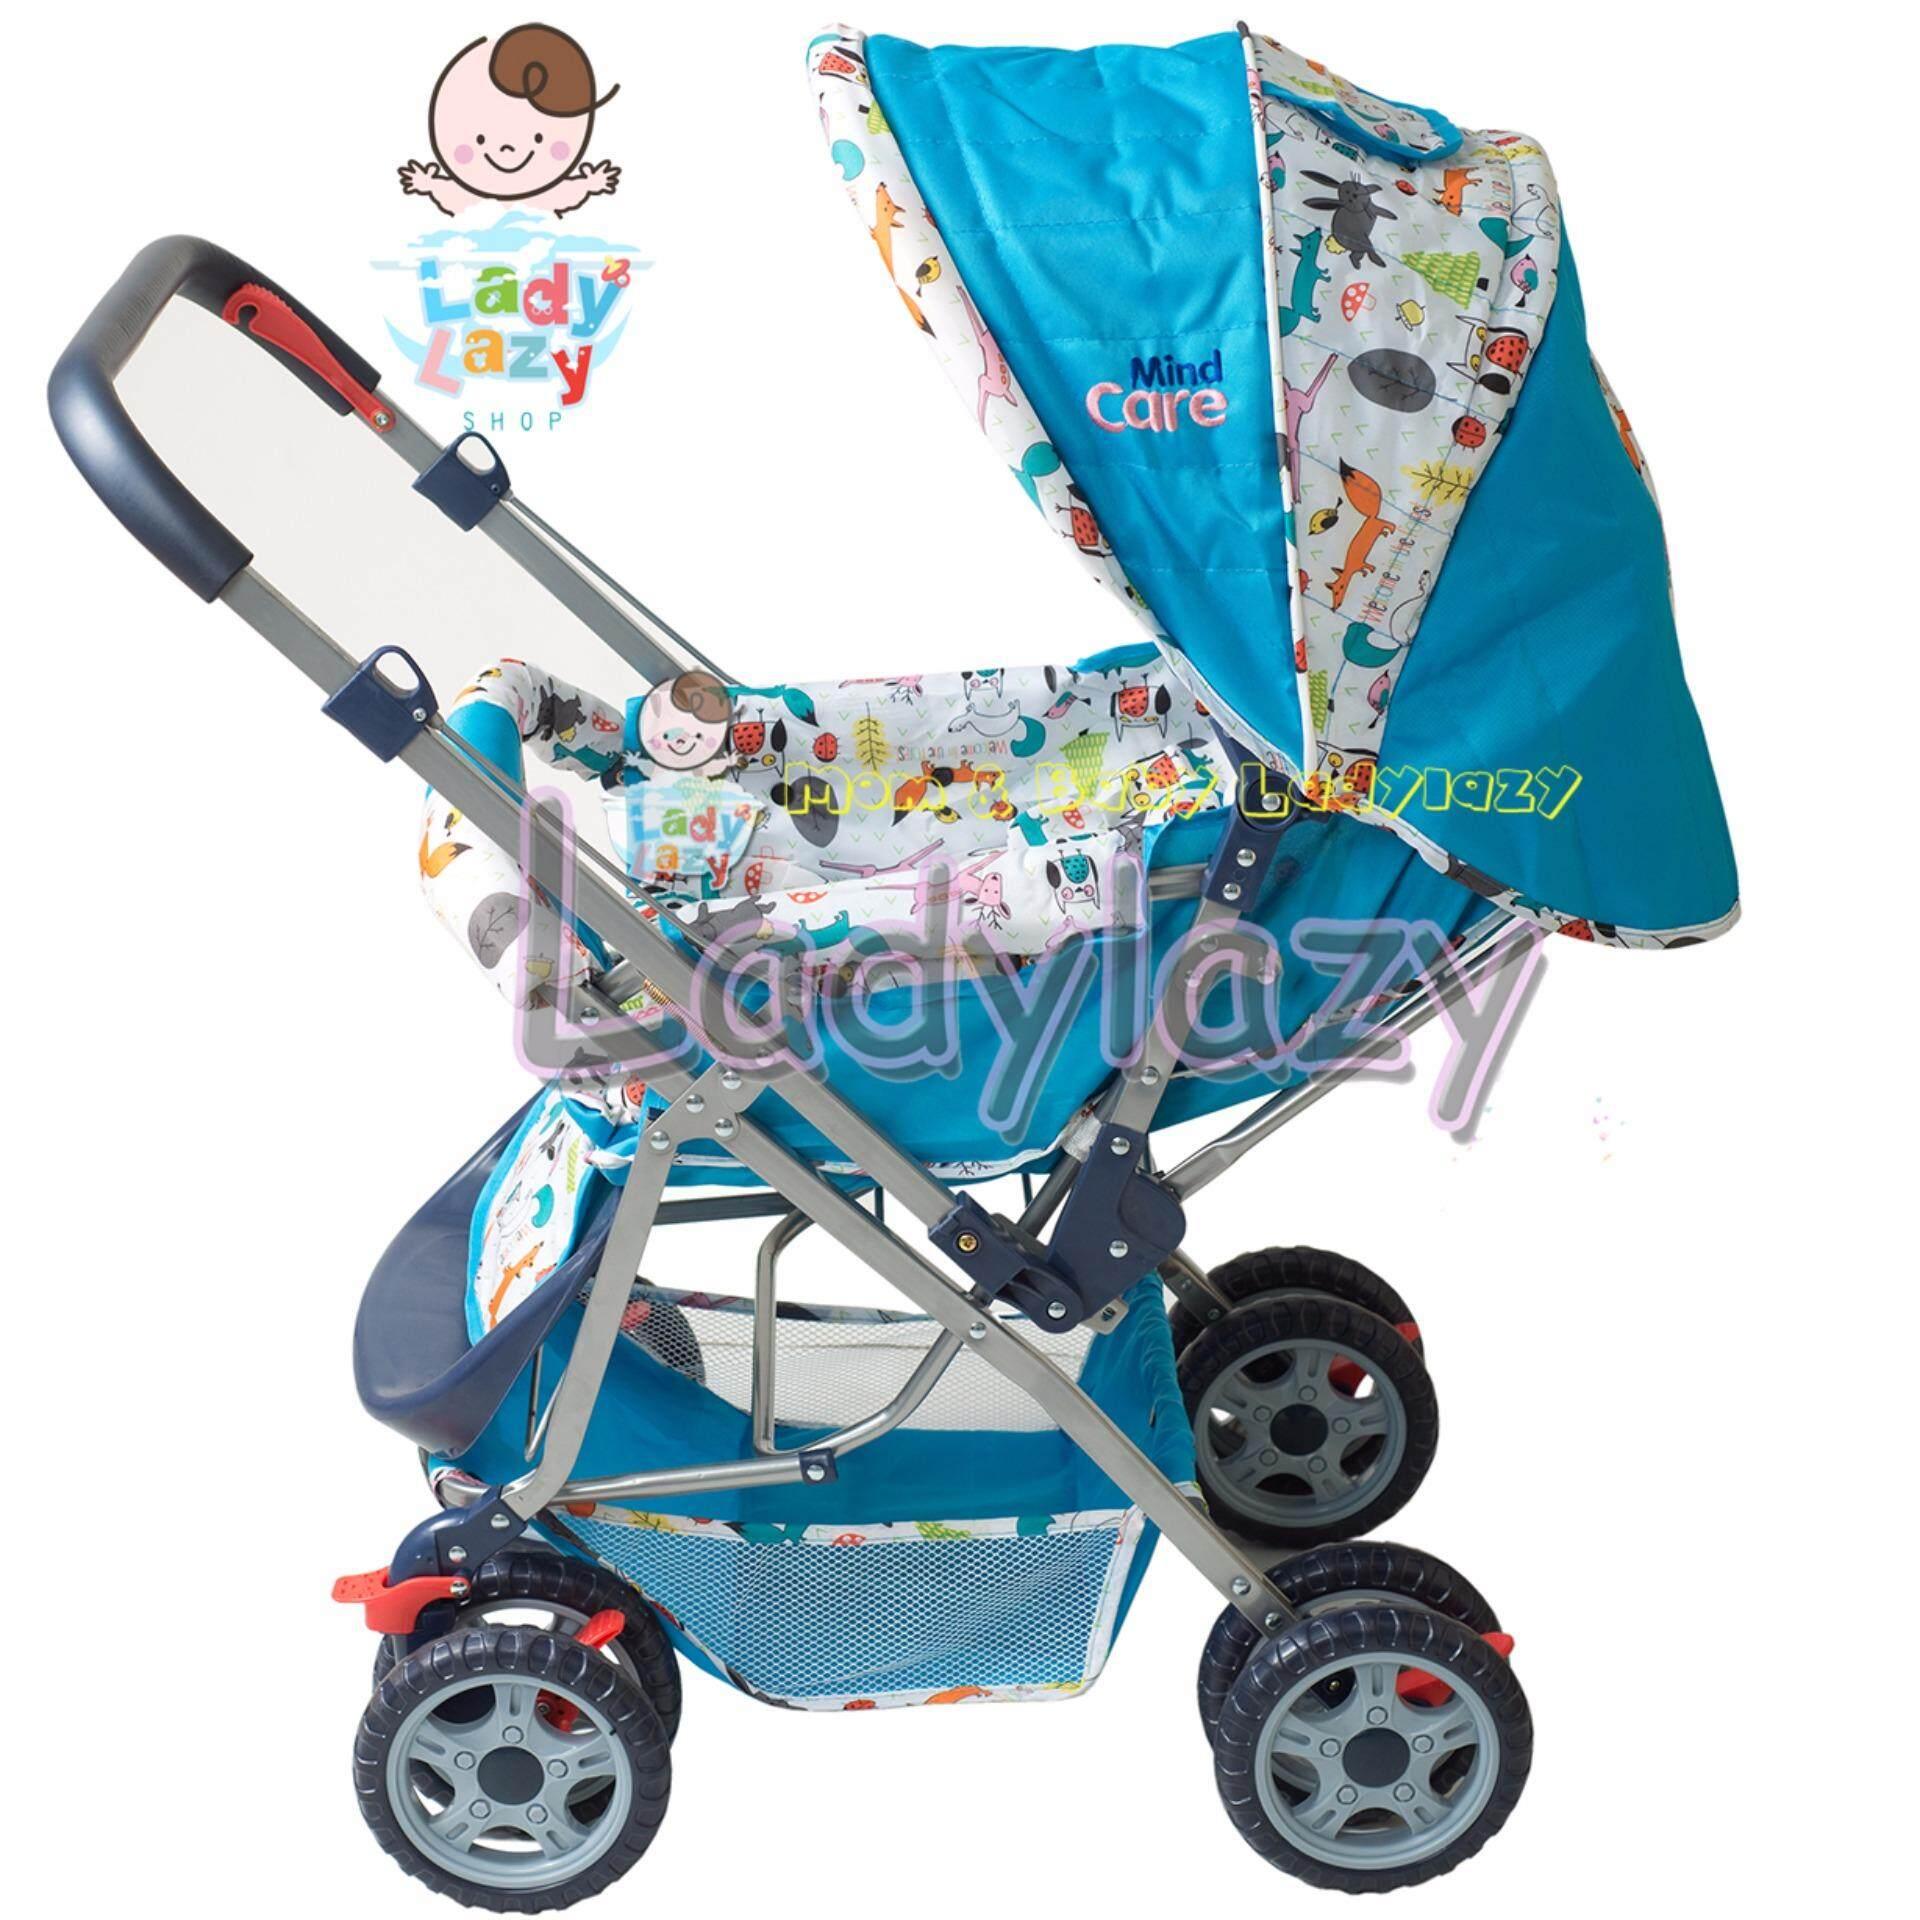 อยากถามคนที่ใช้ Unbranded/Generic อุปกรณ์เสริมรถเข็นเด็ก รถเข็นเด็กอ่อนเด็กทารกใหม่รถเข็นเด็กสองข้างนั่งเบาะรองนั่งร่างกายเบาะรถ - นานาชาติ รีวิวที่ดีที่สุด